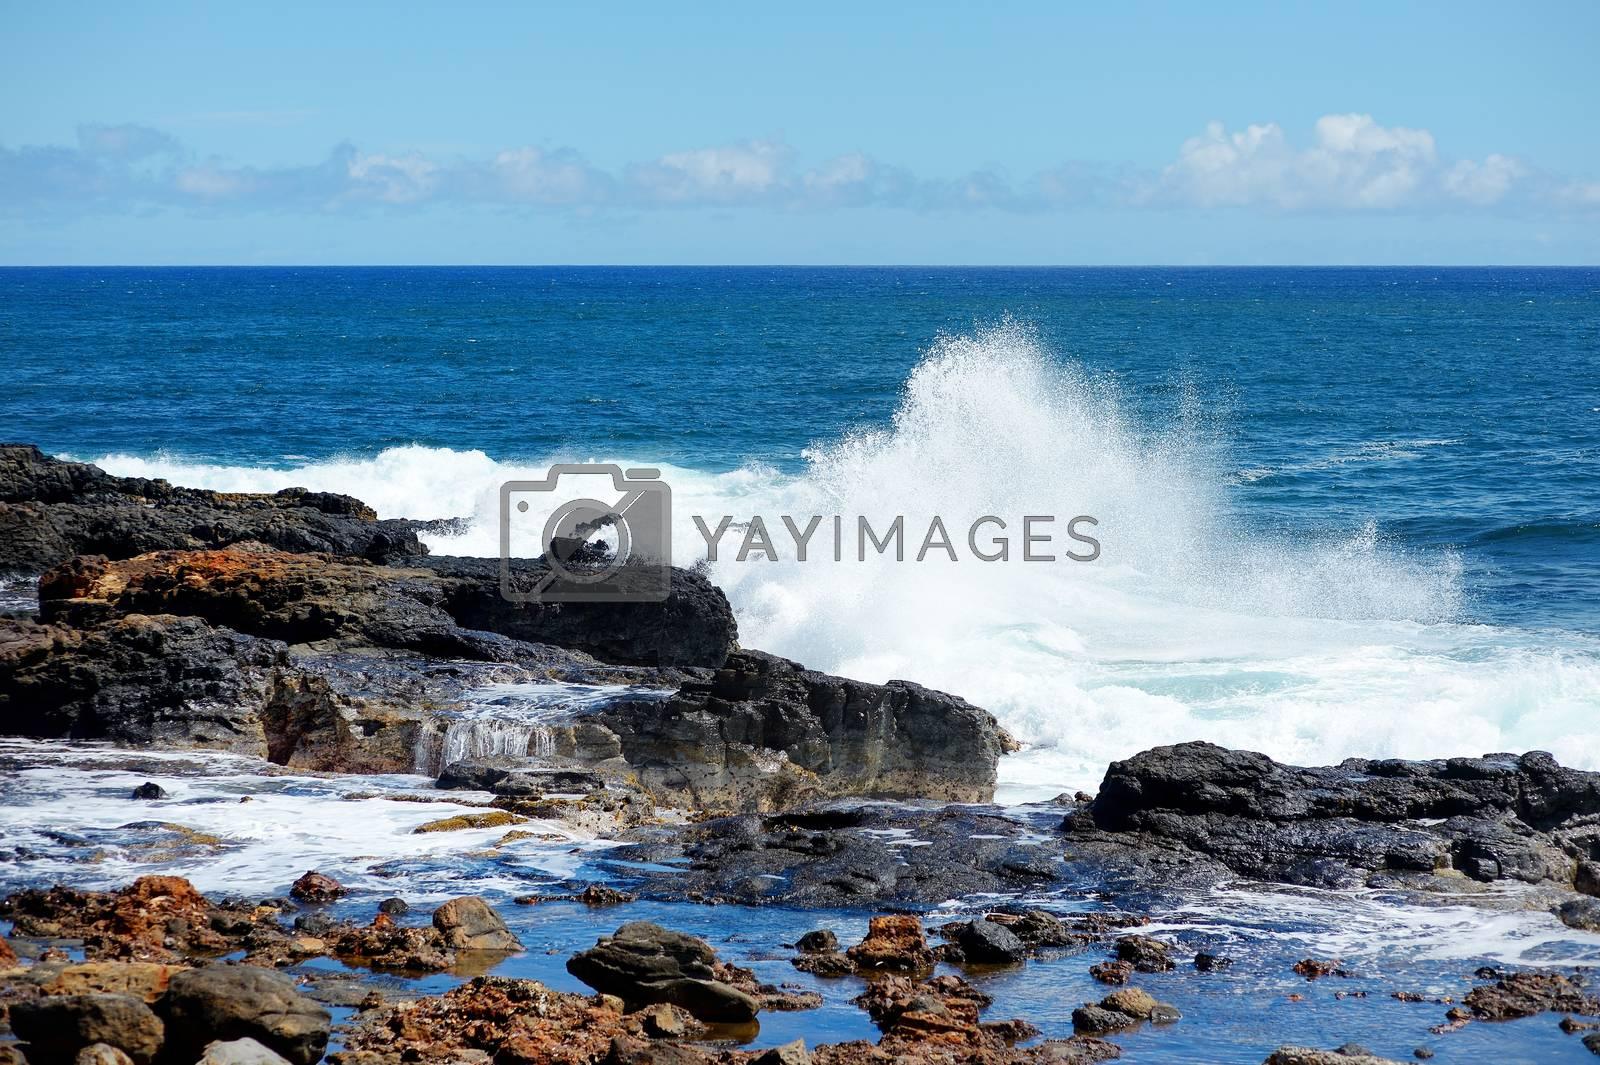 Ocean waves crashing on rocks, Kauai, Hawaii